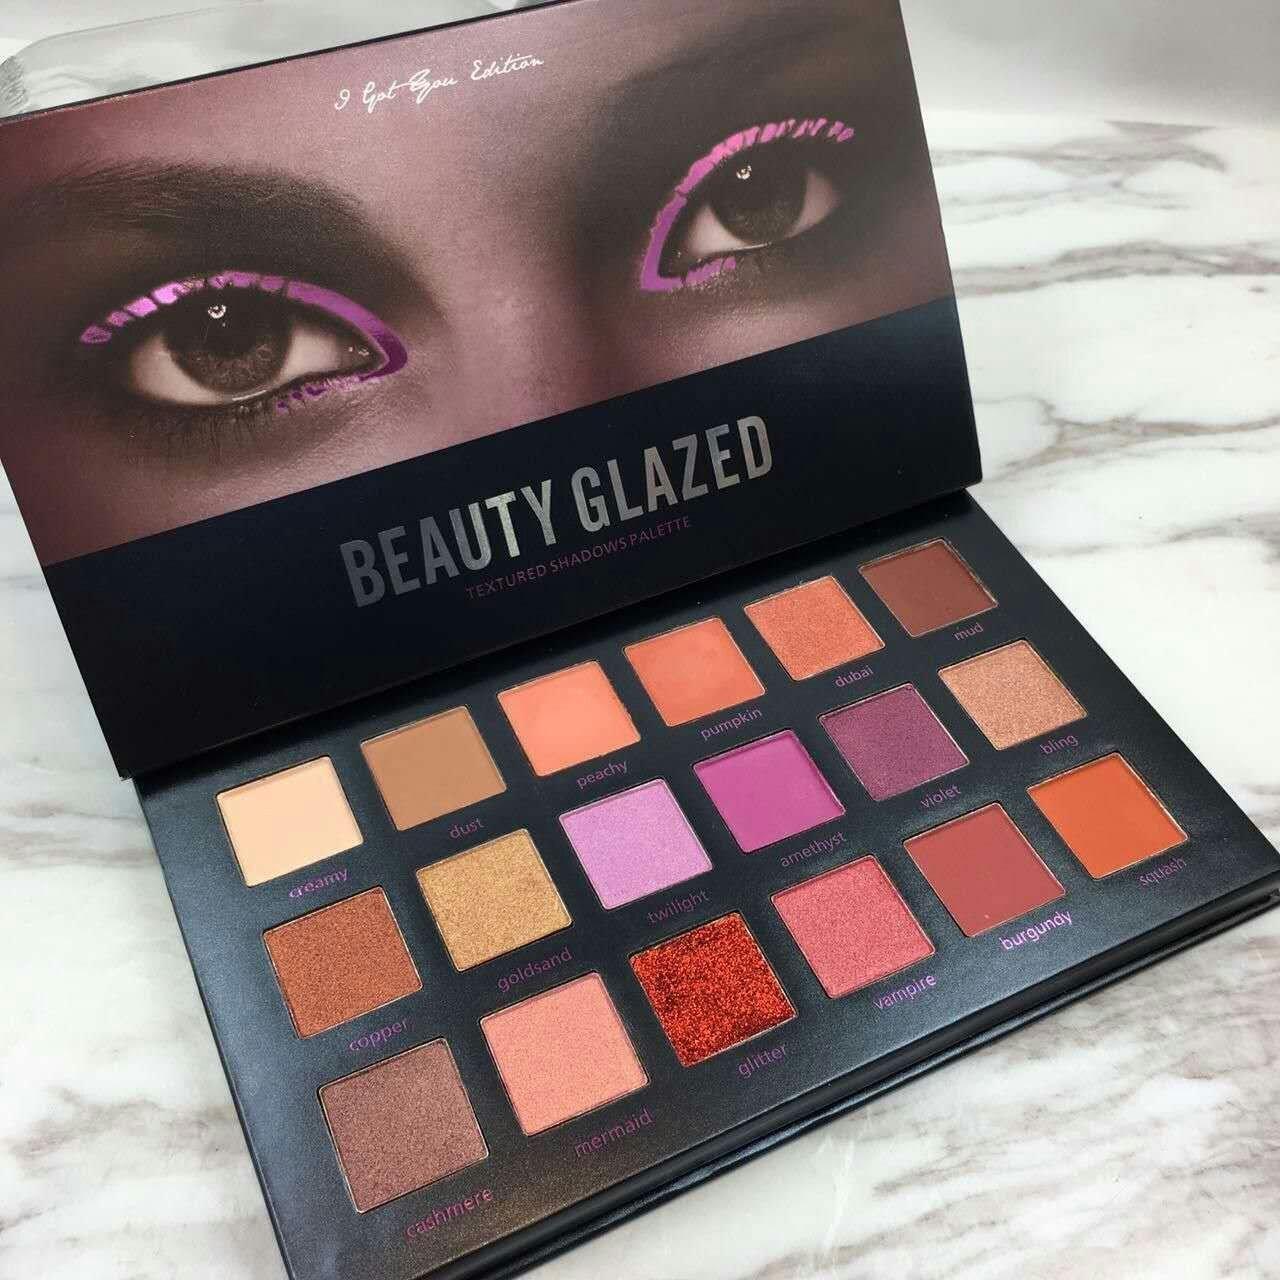 beauty-glazed-huda